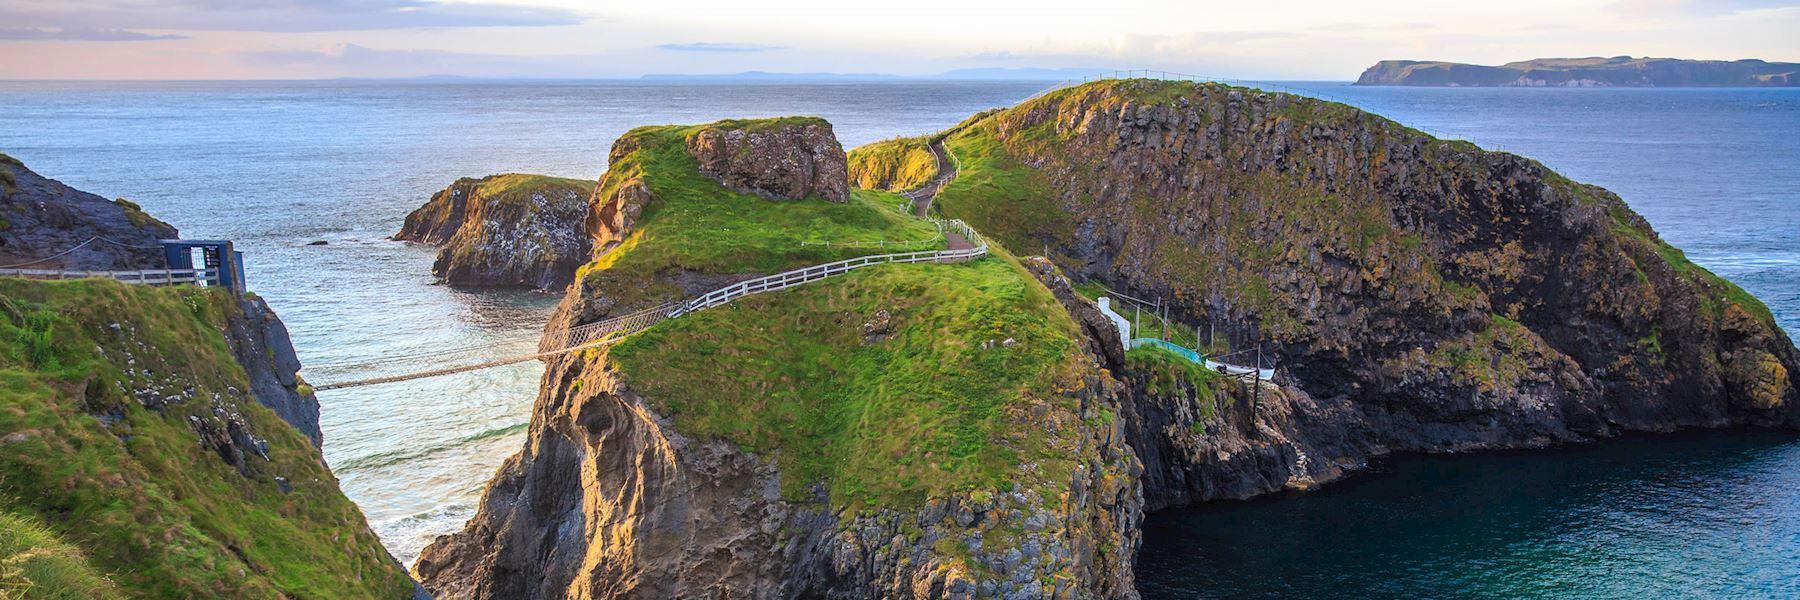 Visit Northern Ireland, Ireland